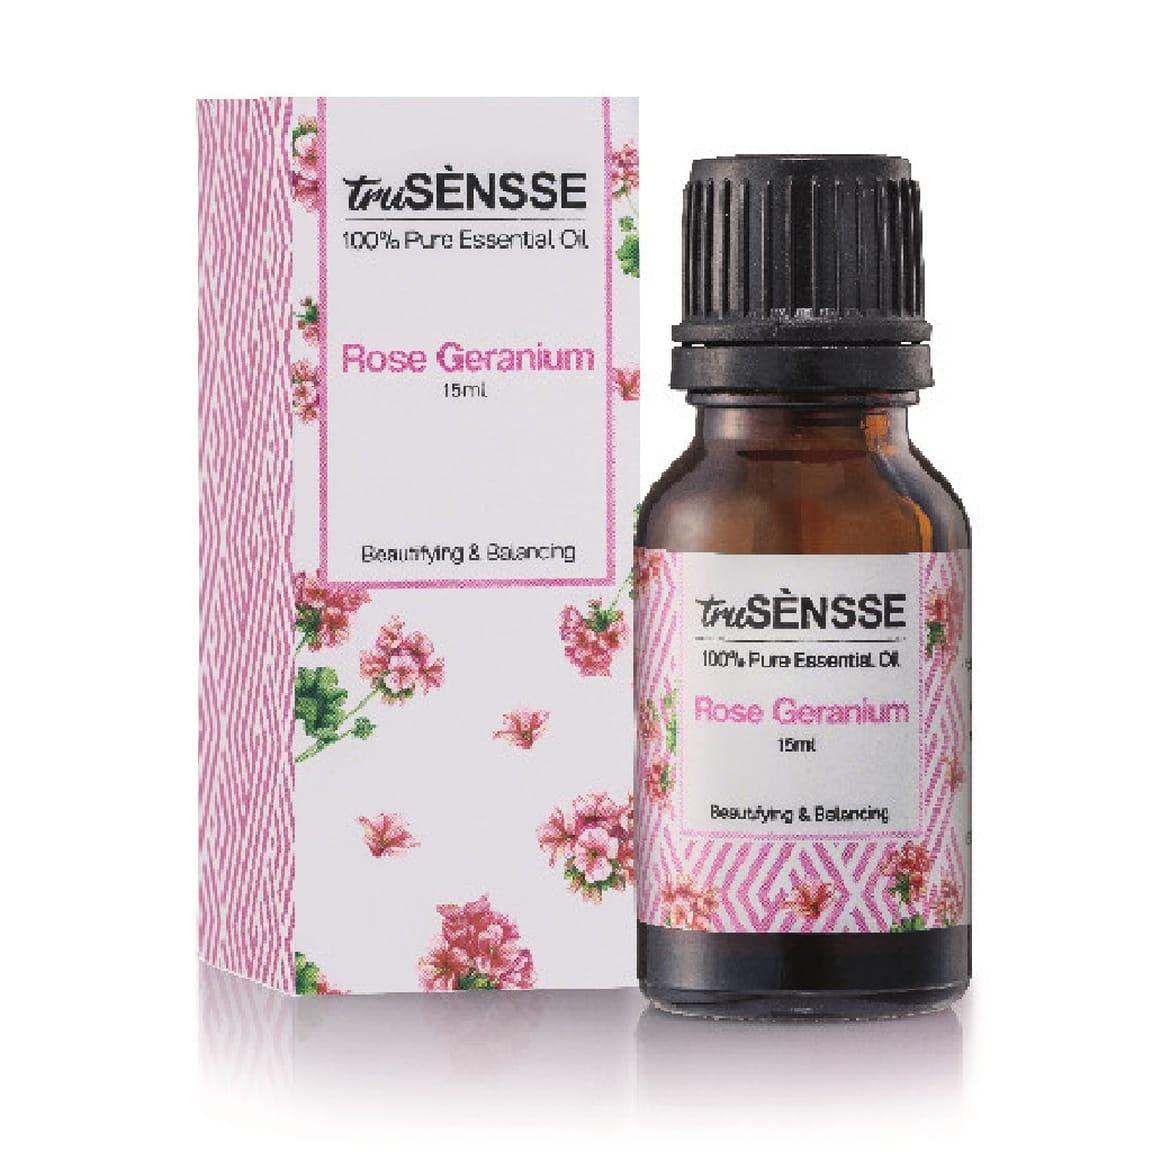 truSÈNSSE 100% Pure Essential Oil - Rose Geranium (1) 15ml